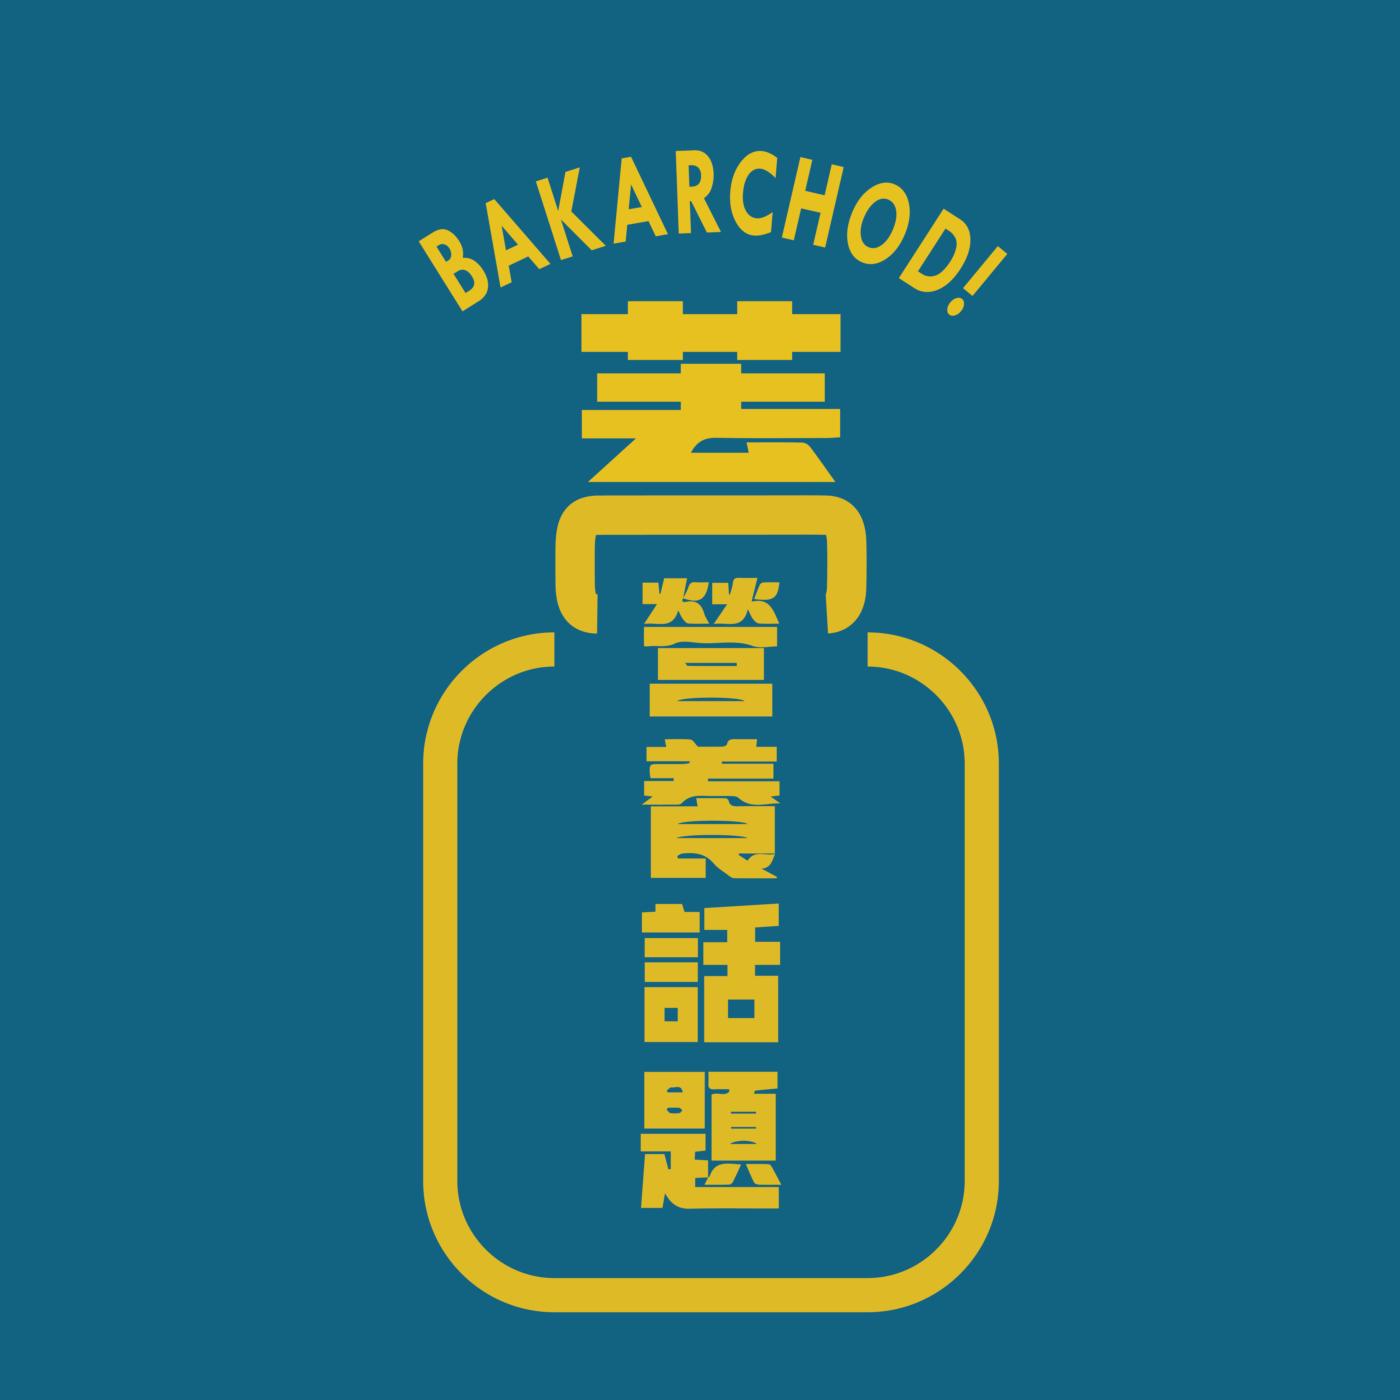 Bakarchodi 蓋營養話題